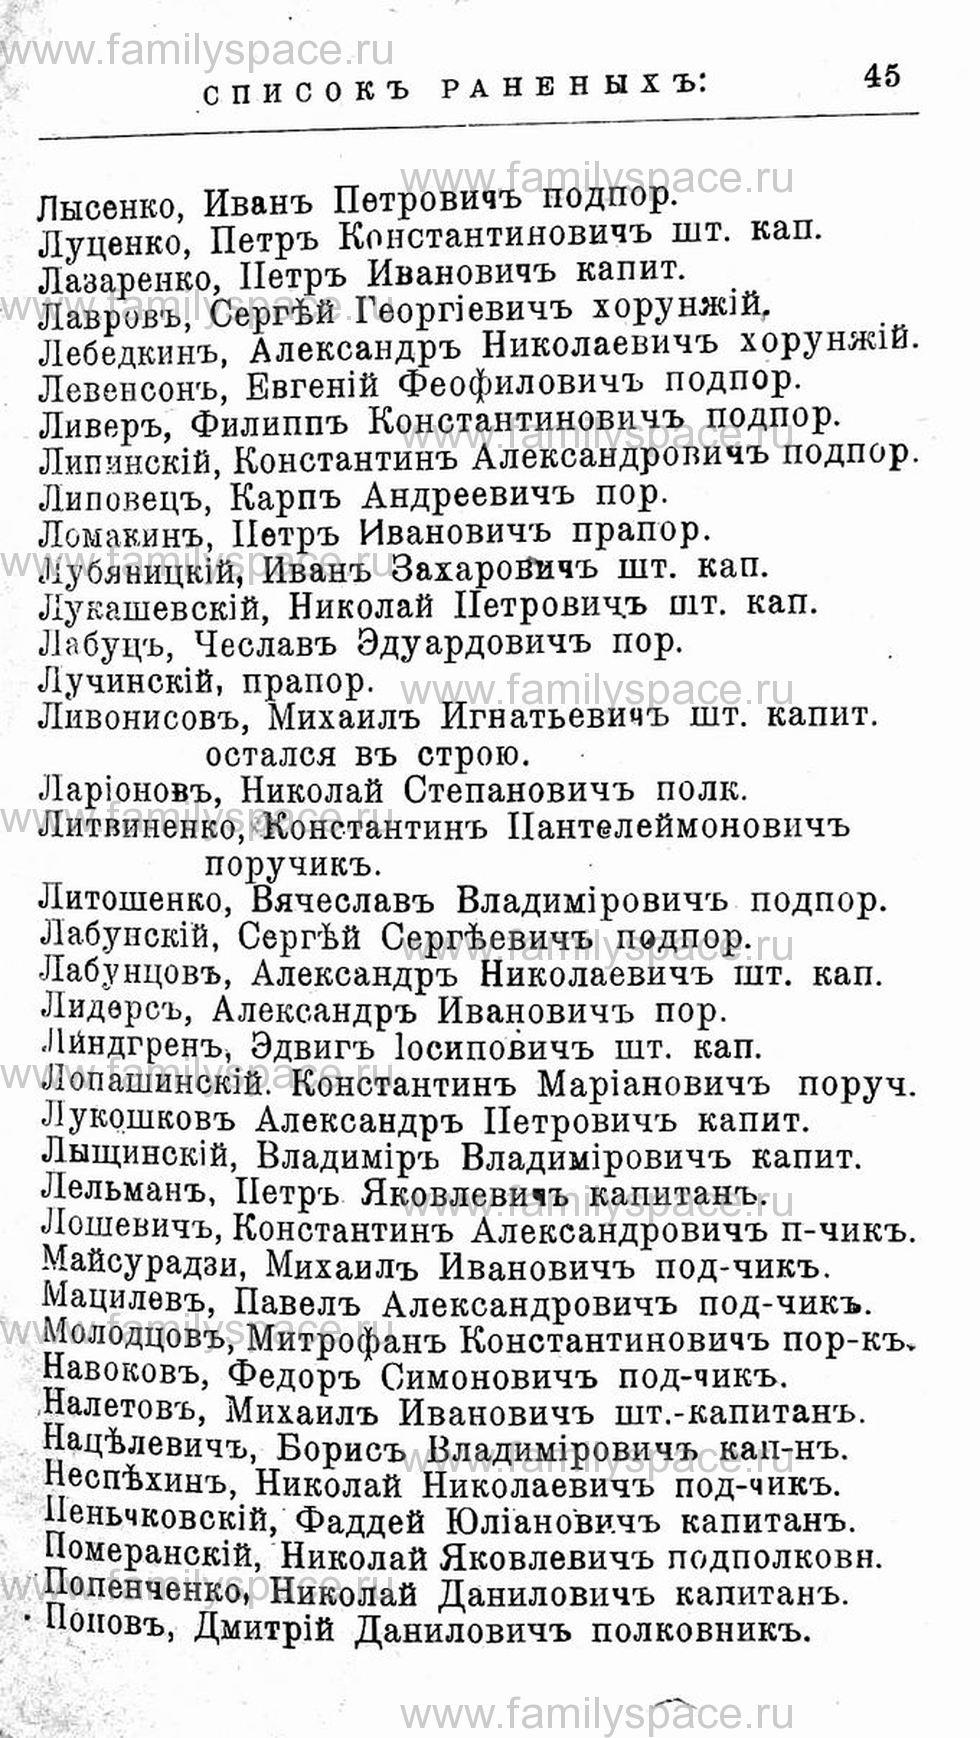 Поиск по фамилии - Первая мировая война - 1914 (списки убитых и раненых), страница 45